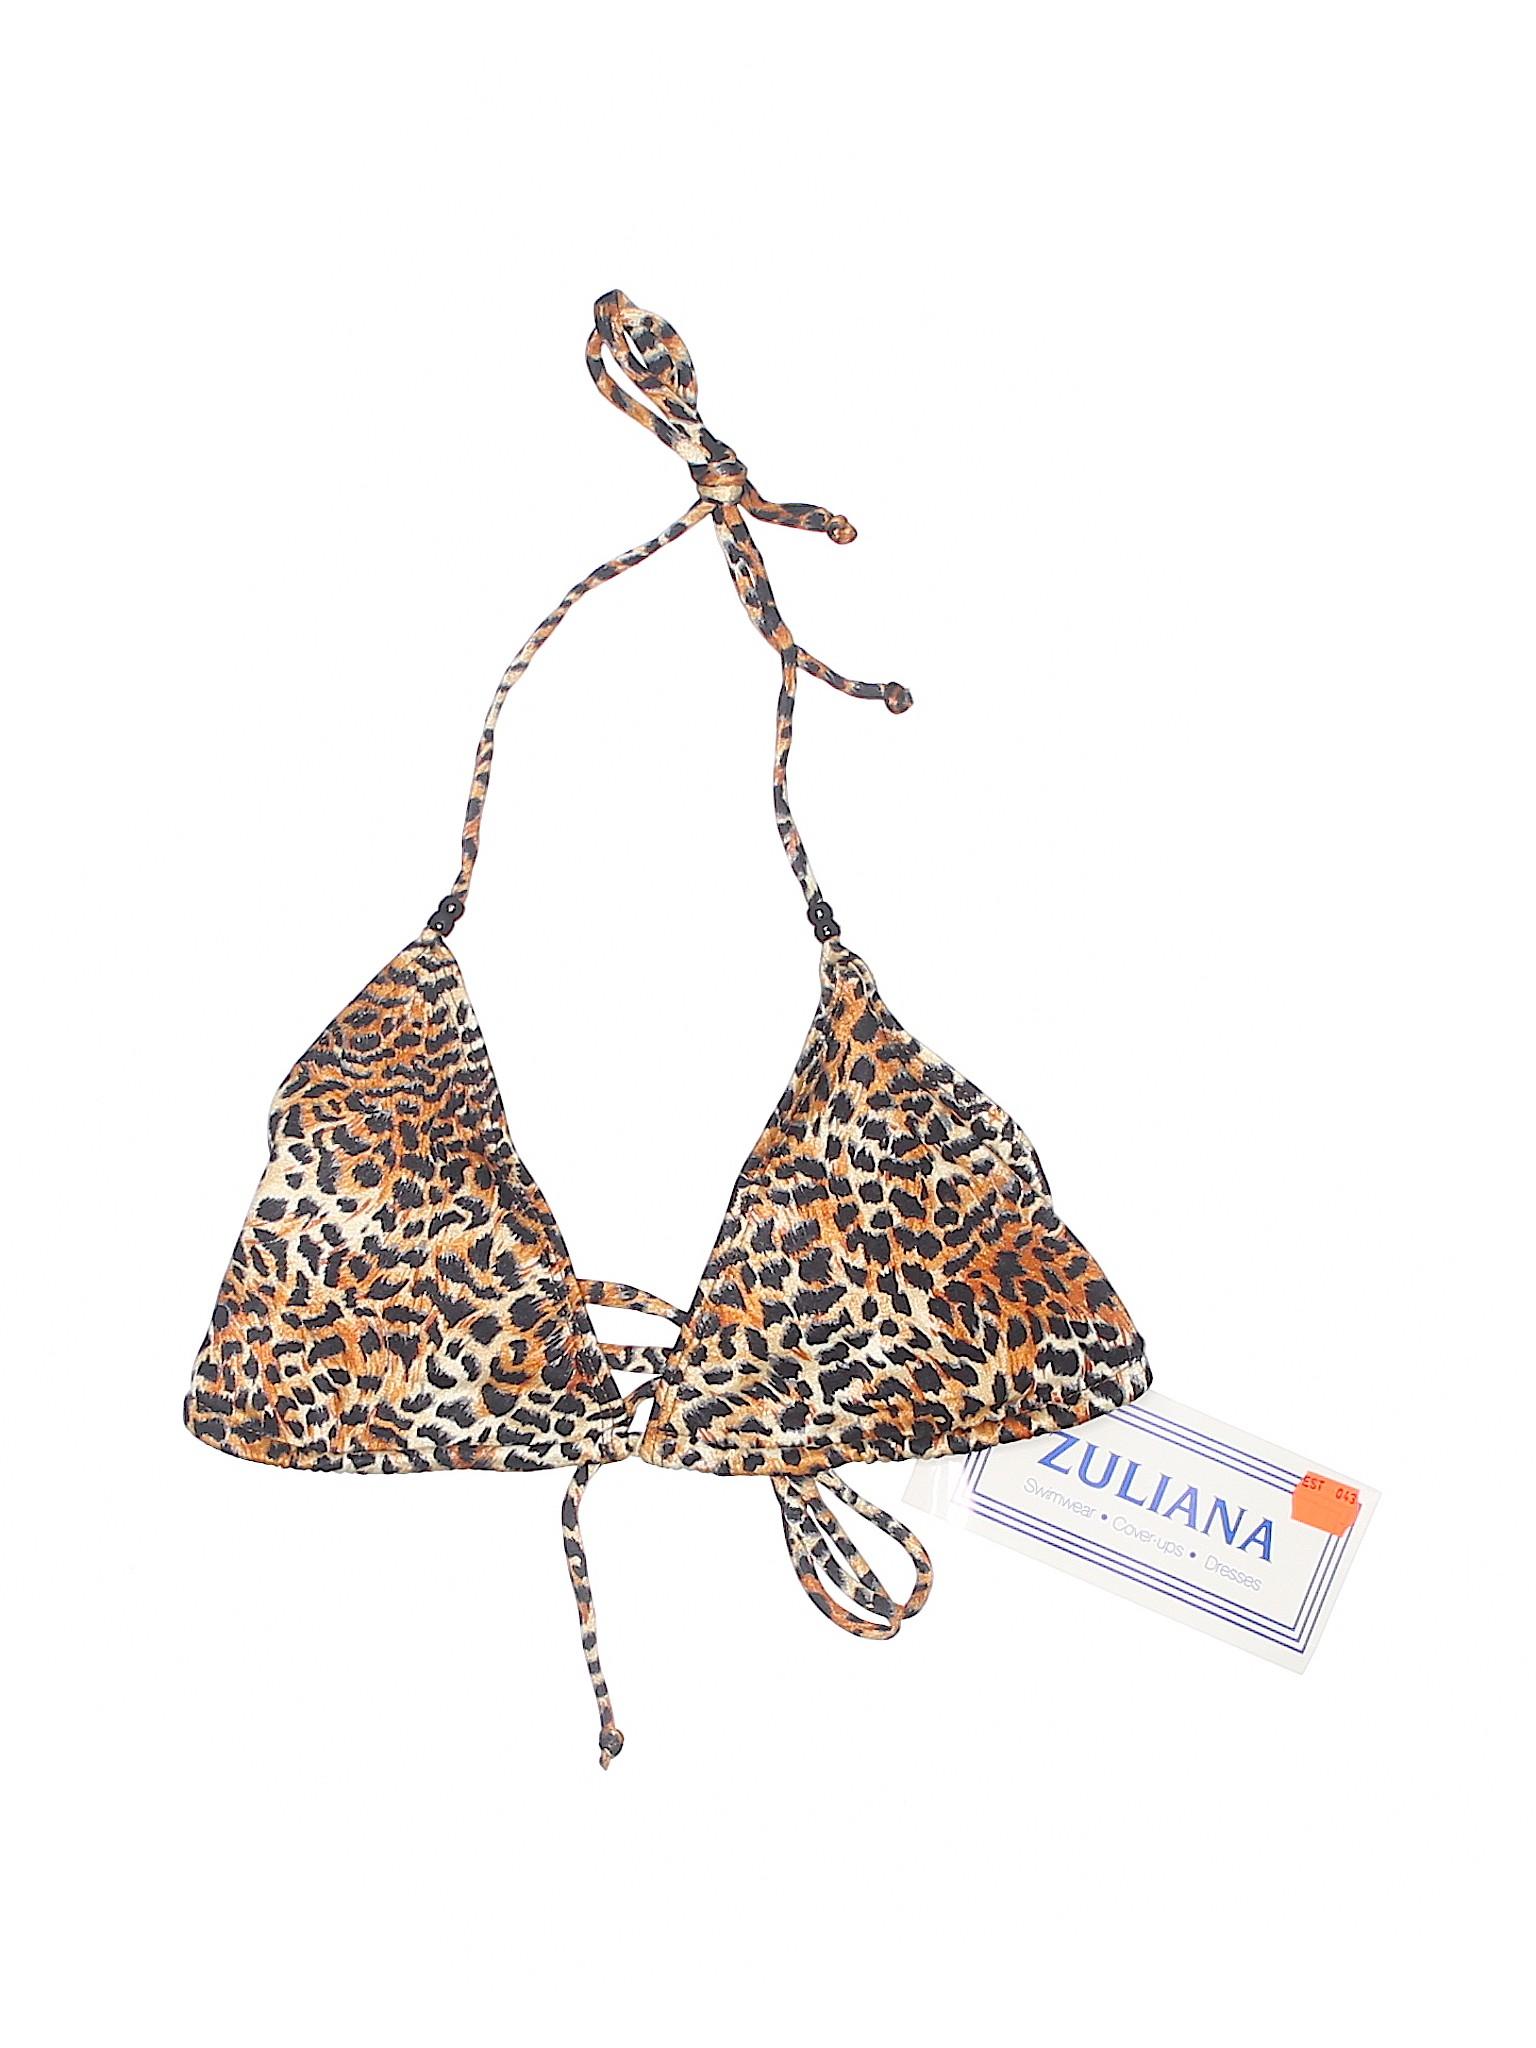 Boutique Boutique Swimsuit Zuliana Top Zuliana PaPqg7U